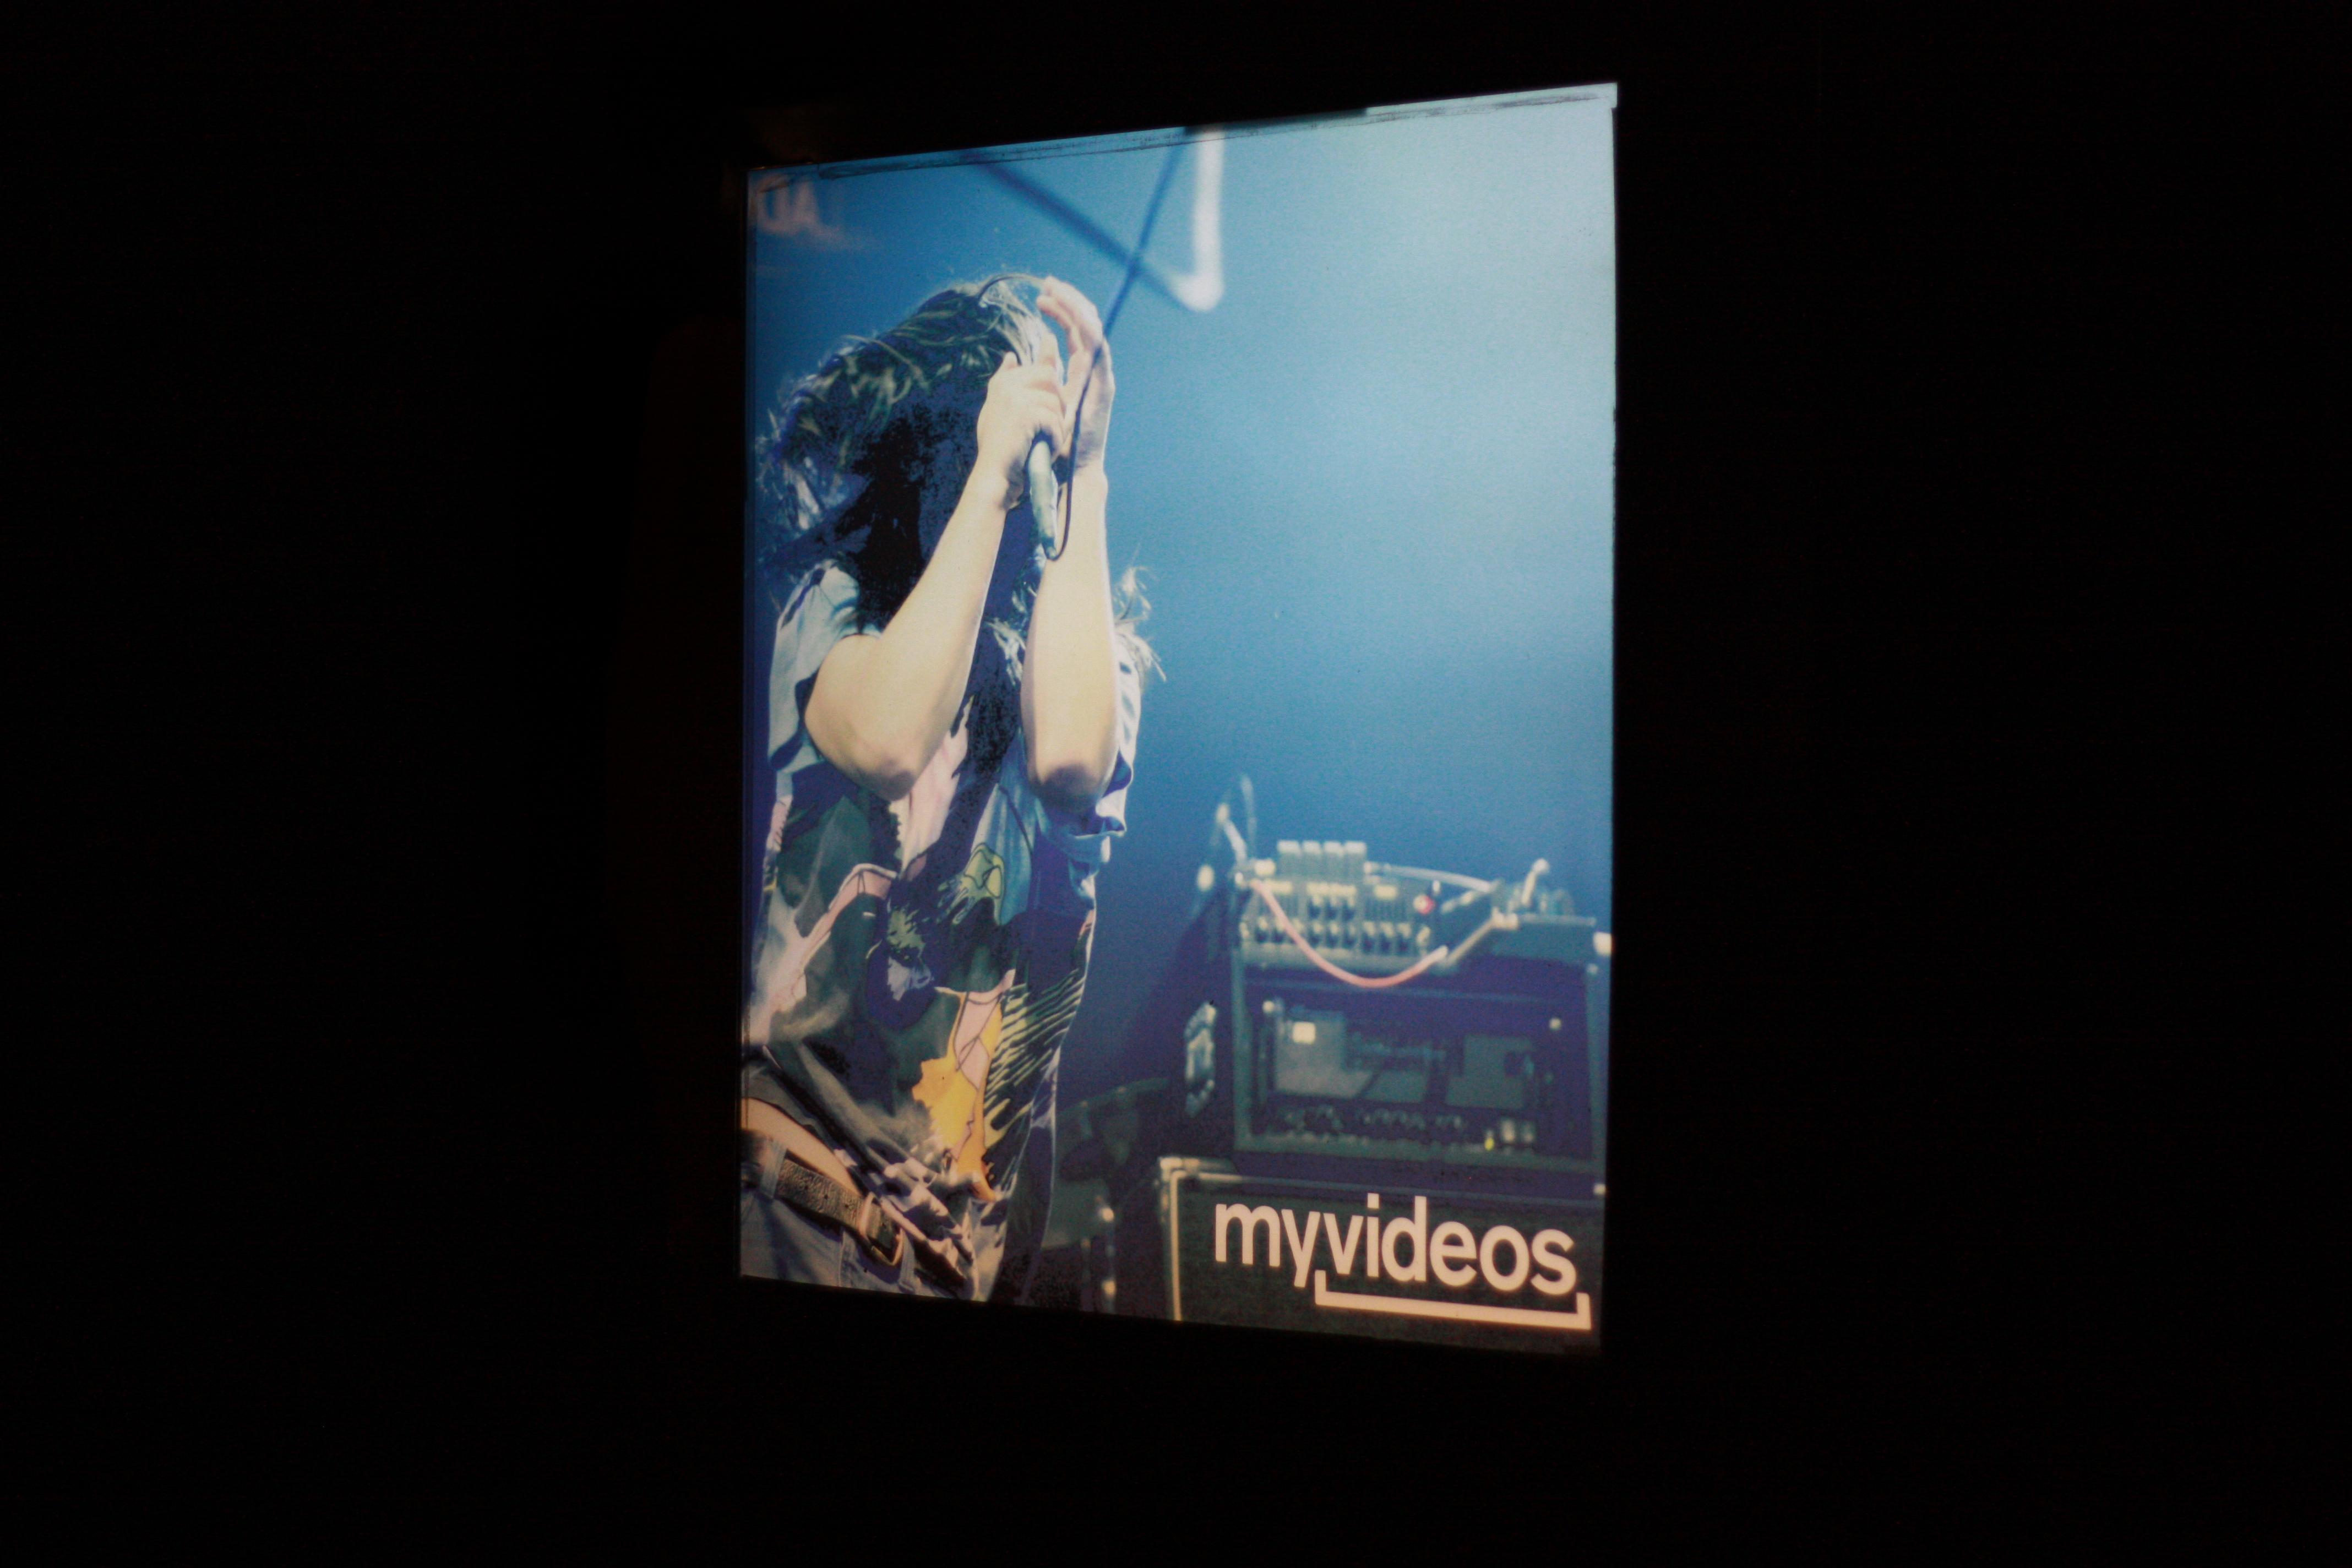 Myspace_Event_15.03.12_Layla Smethurst 100